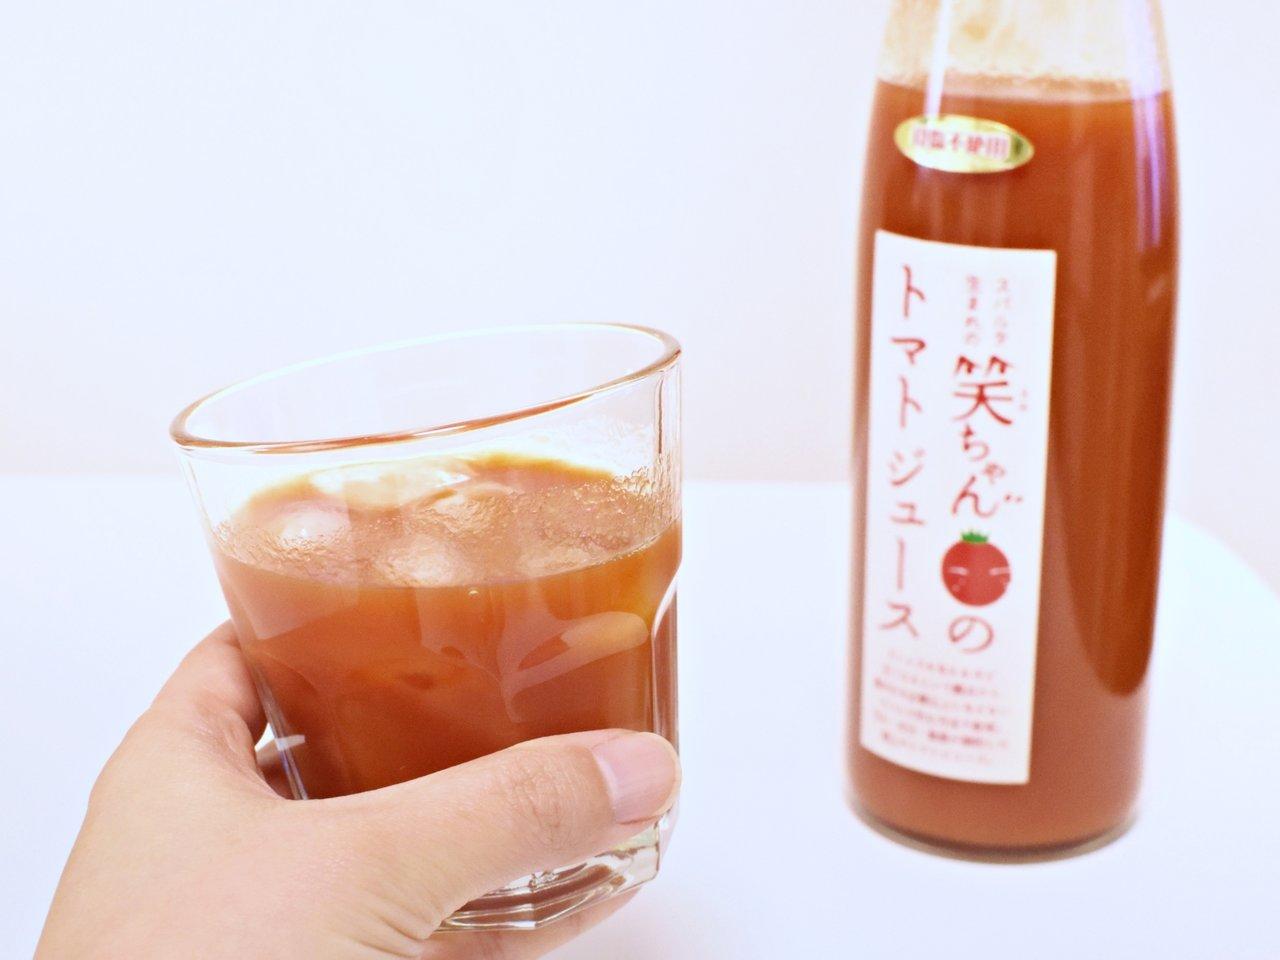 コンクリート会社がつくる濃厚トマトジュース「スパルタ生まれの笑ちゃんのジュース」